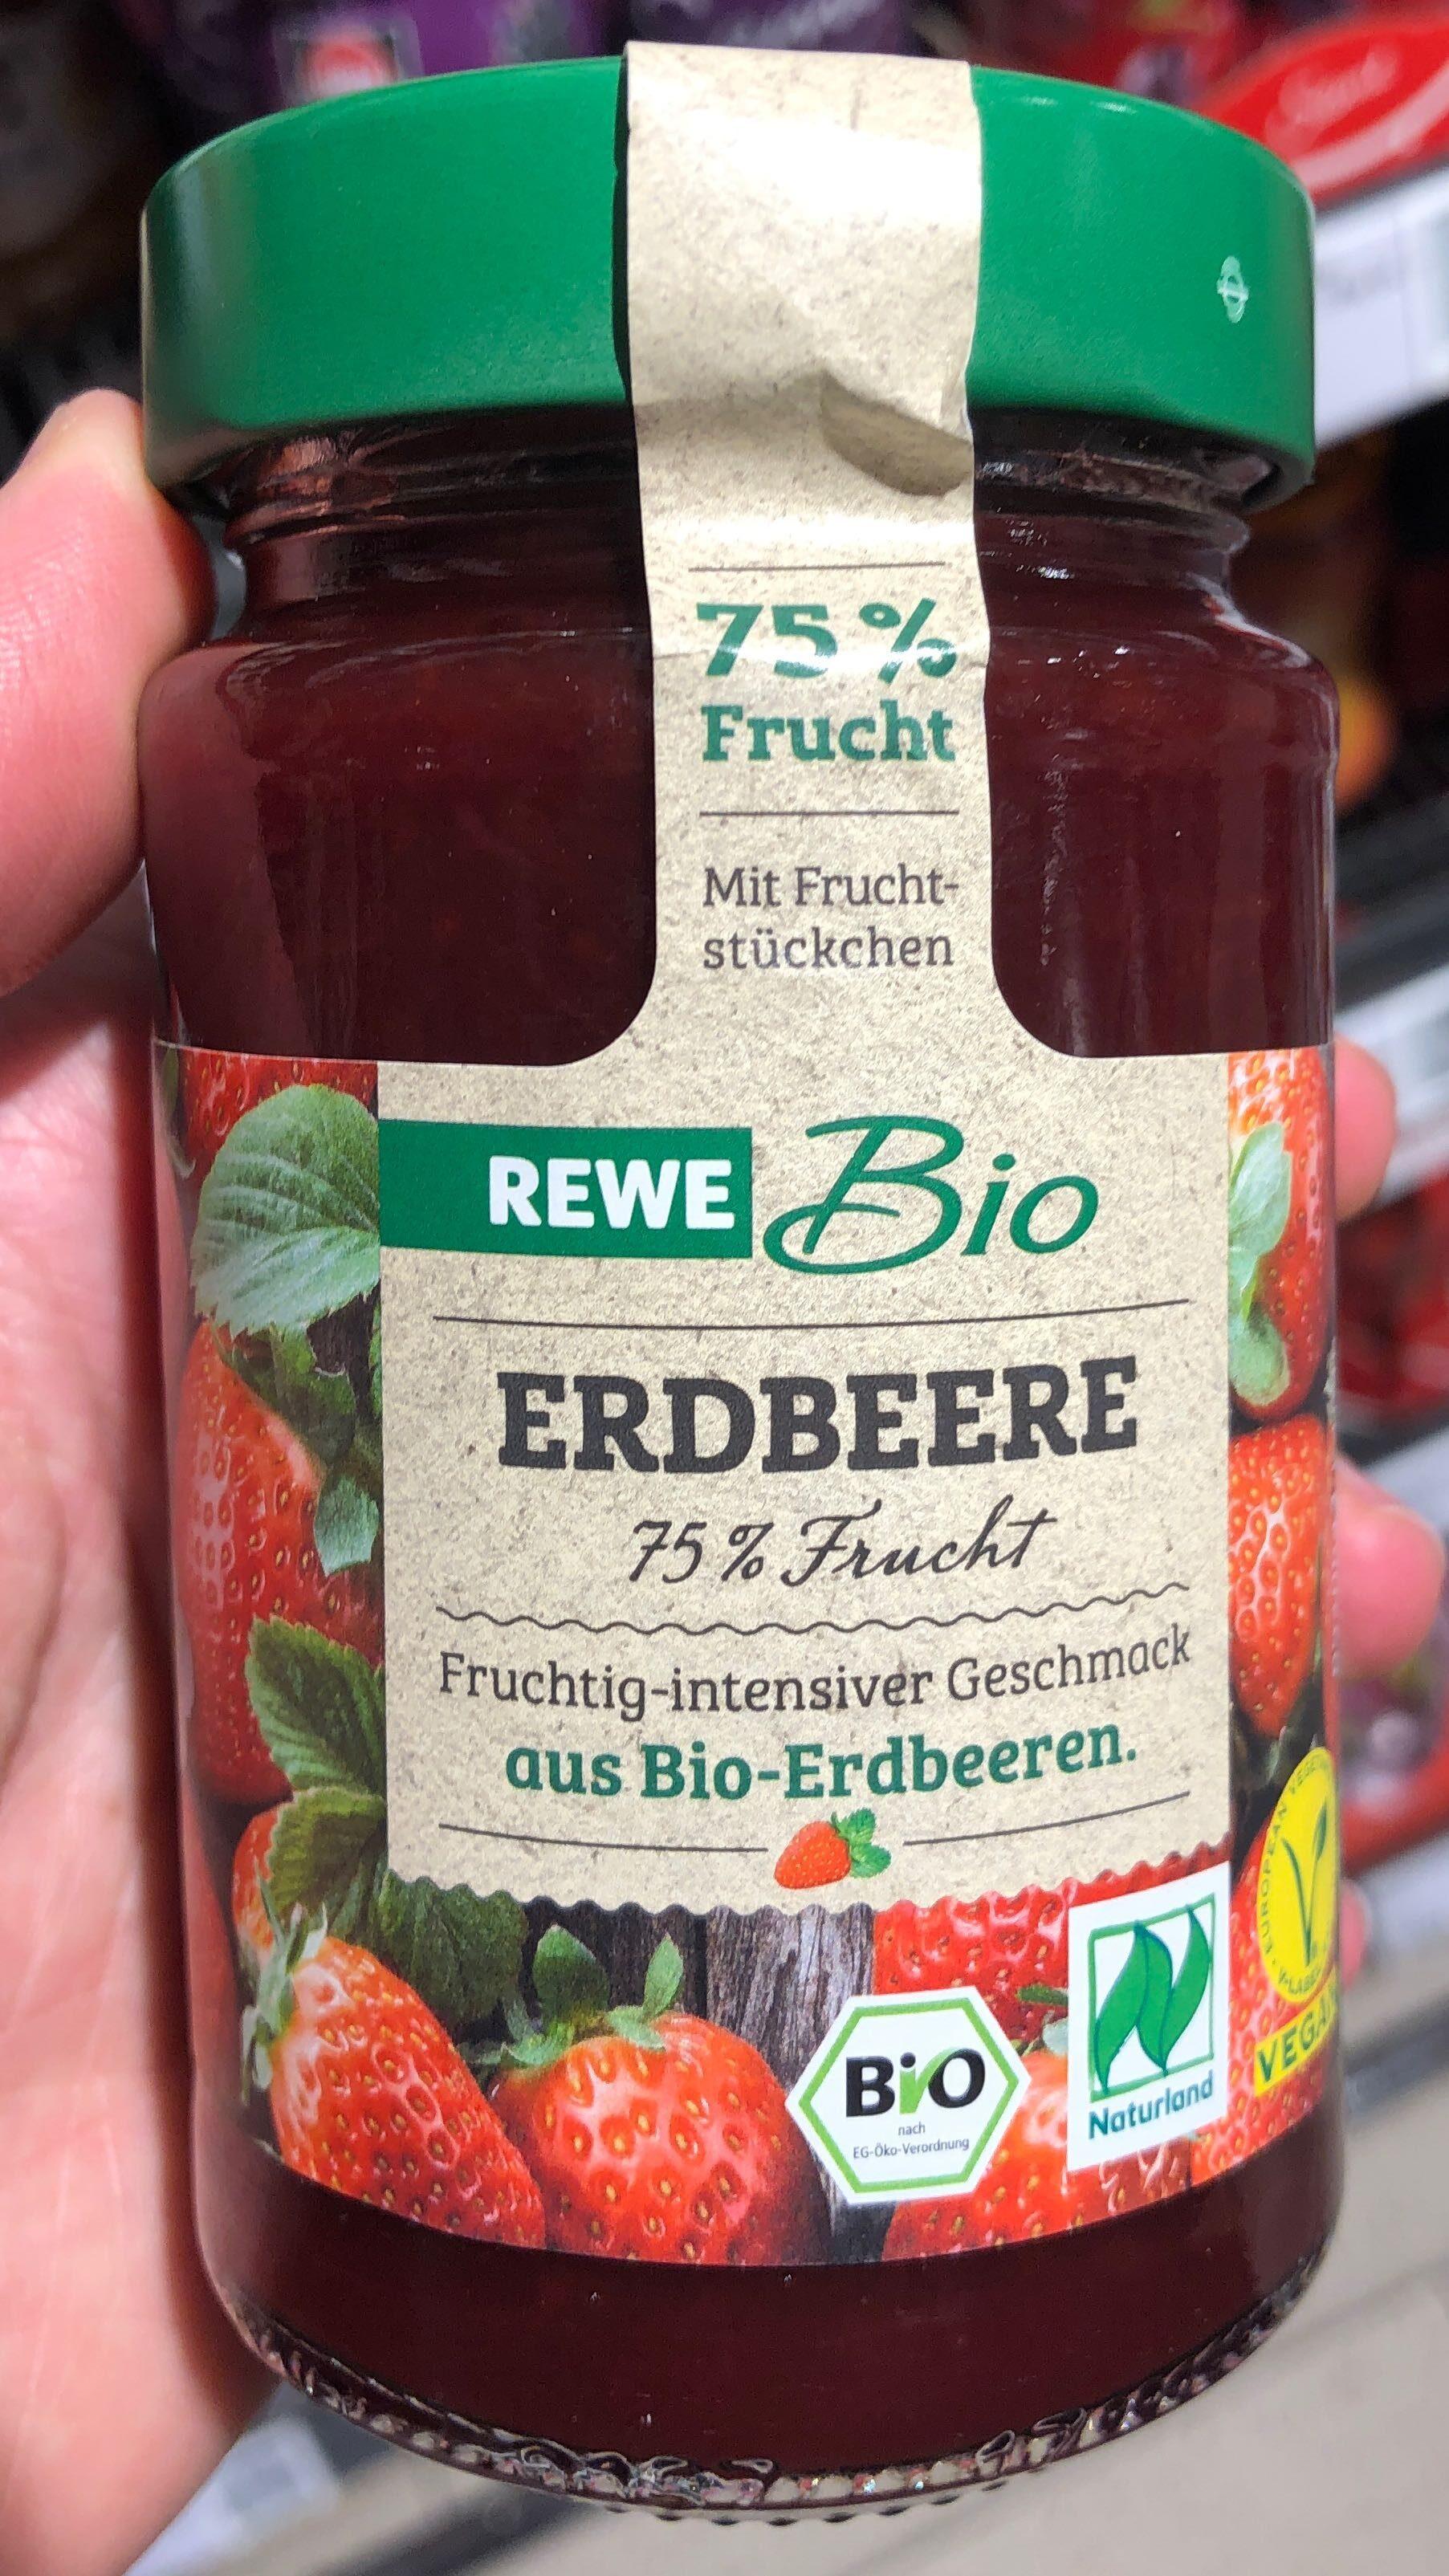 Erdbeere 75% Frucht - Product - de